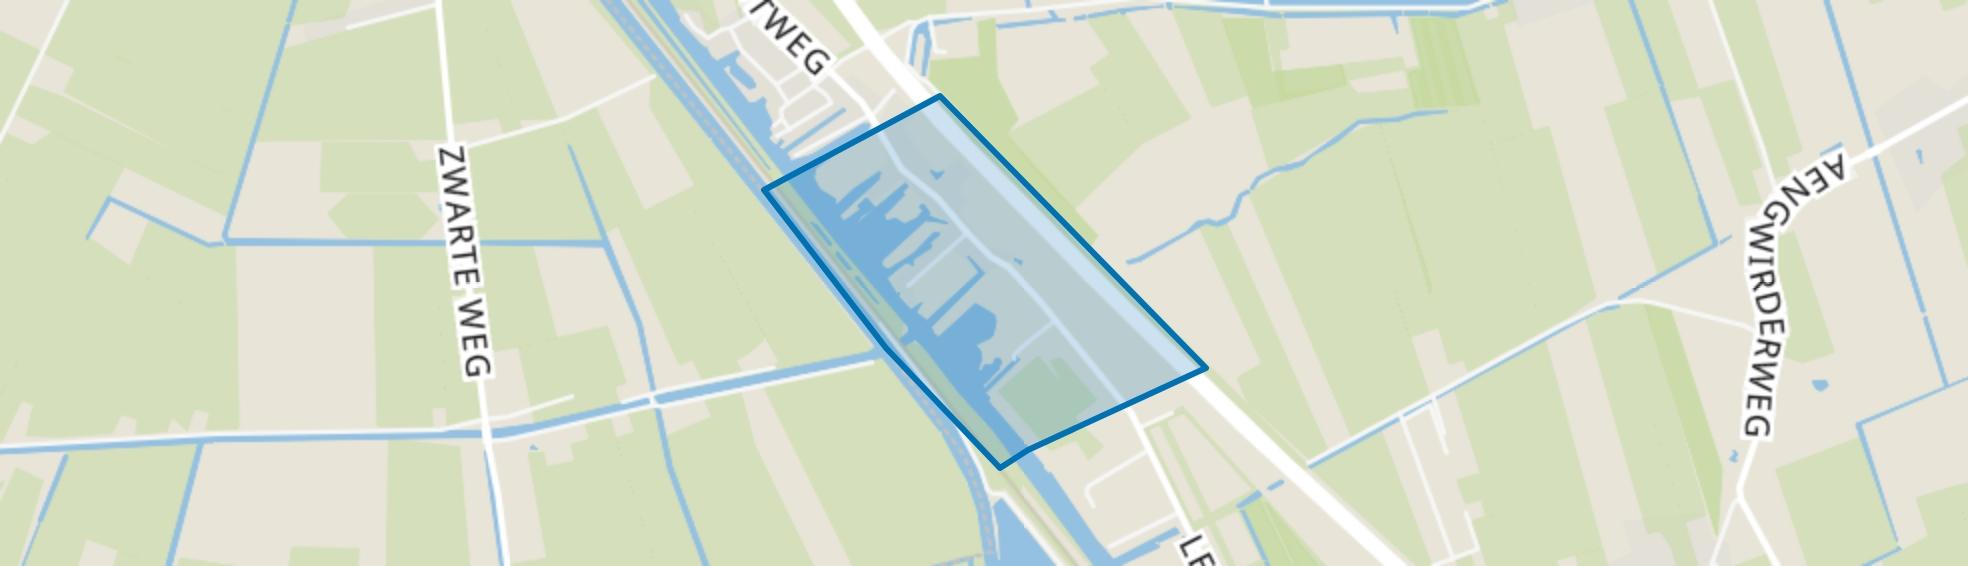 Nieuwebrug, Heerenveen map